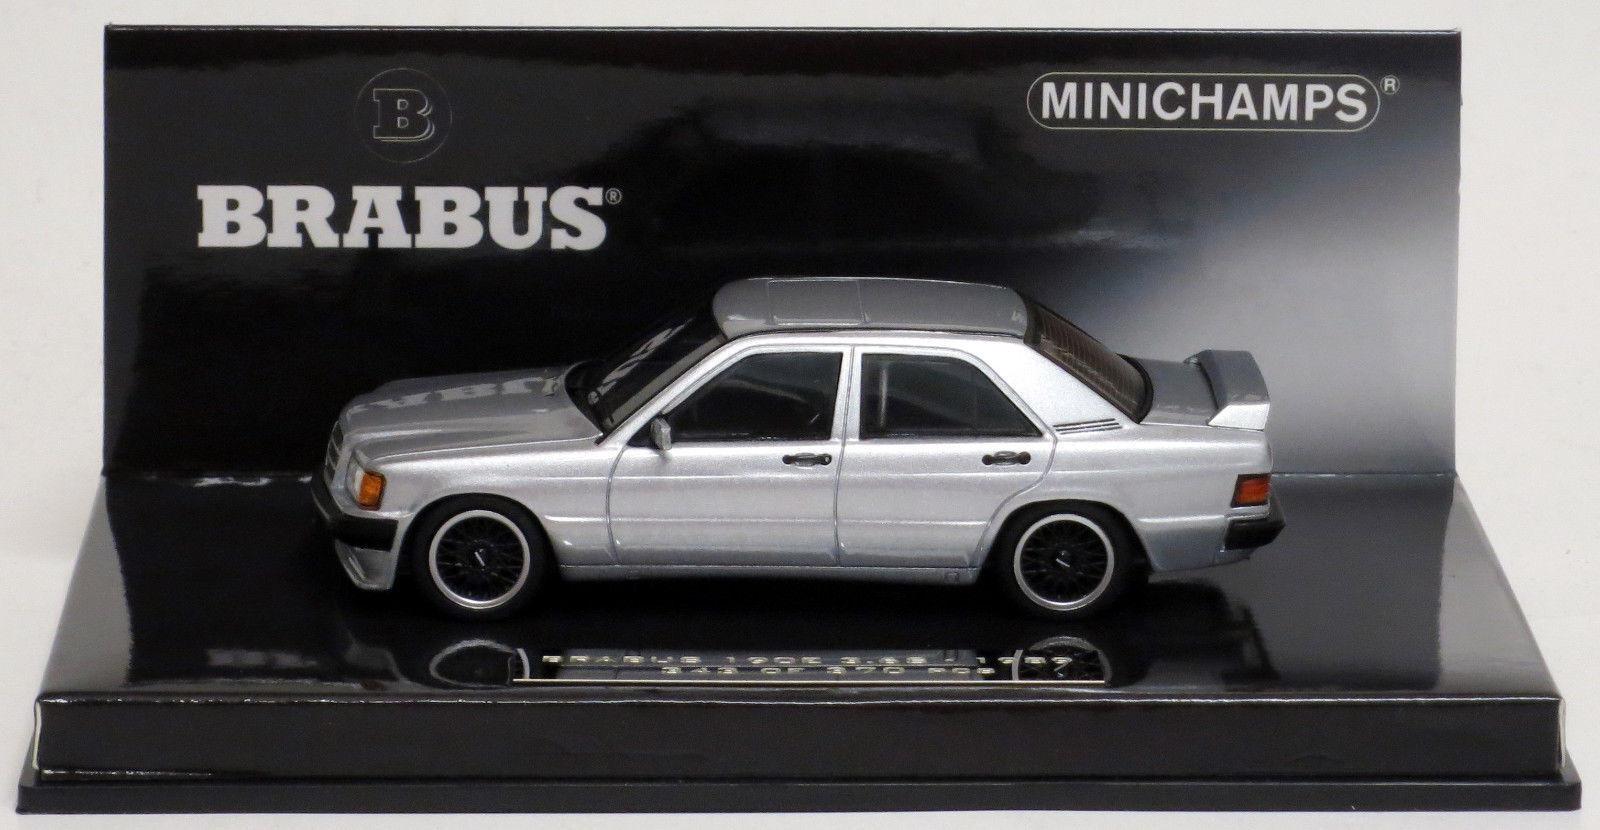 Minichamps 1989 Mercedes Benz 190e 3.6 S Brabus Plata 1 43 Nuevo artículo